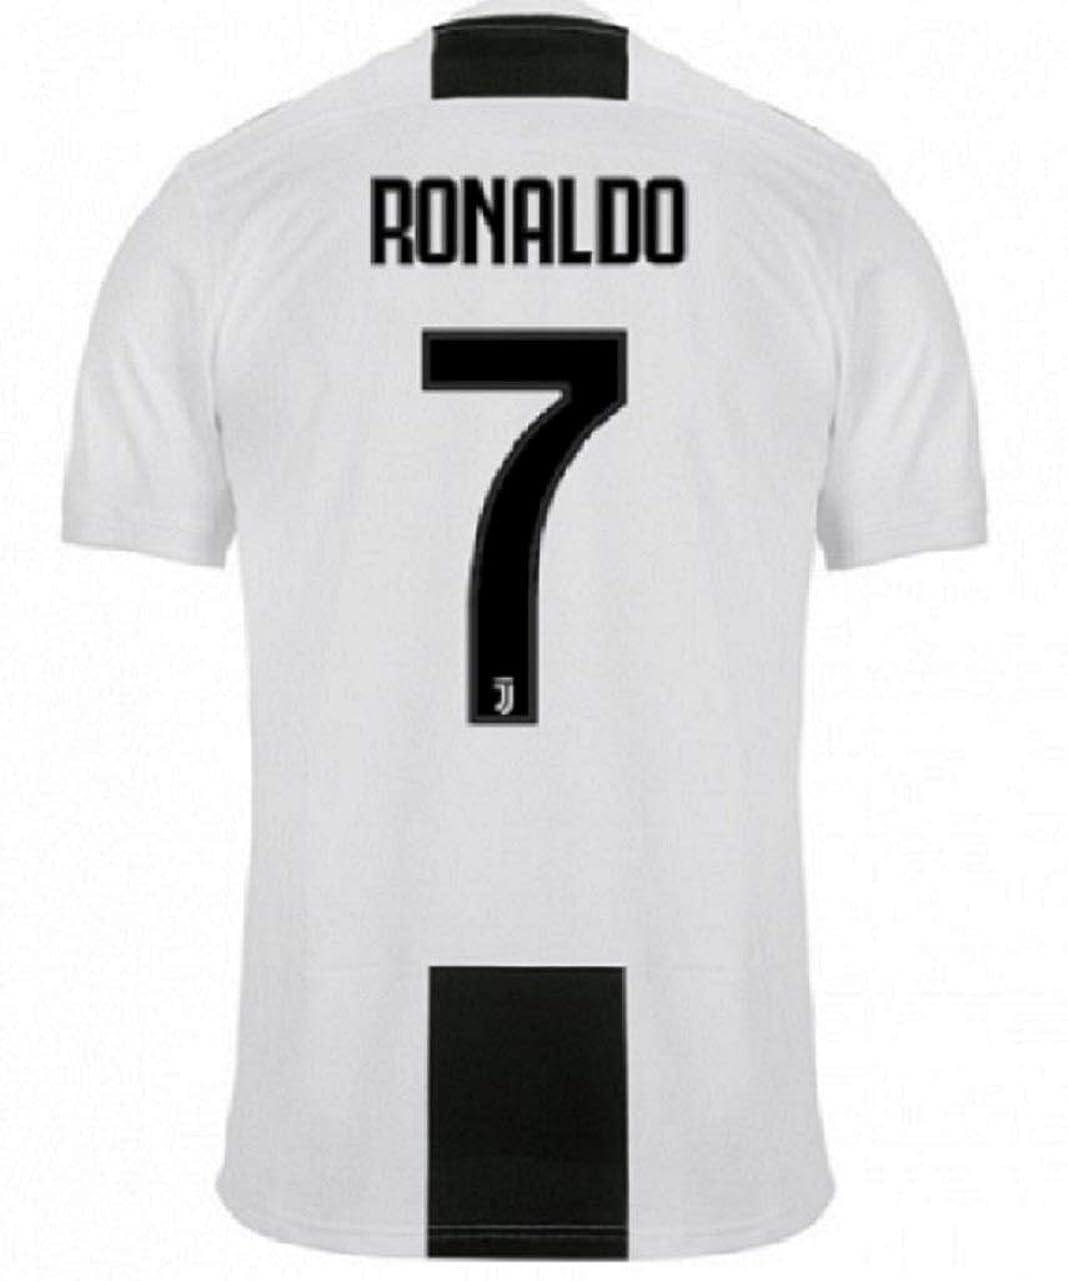 ミキサー力リボン子供用 2018-19 ユベントス Juventus FC?半袖 サッカーレプリカユニフォーム(シャツ,パンツセット)?Ronaldo 7番